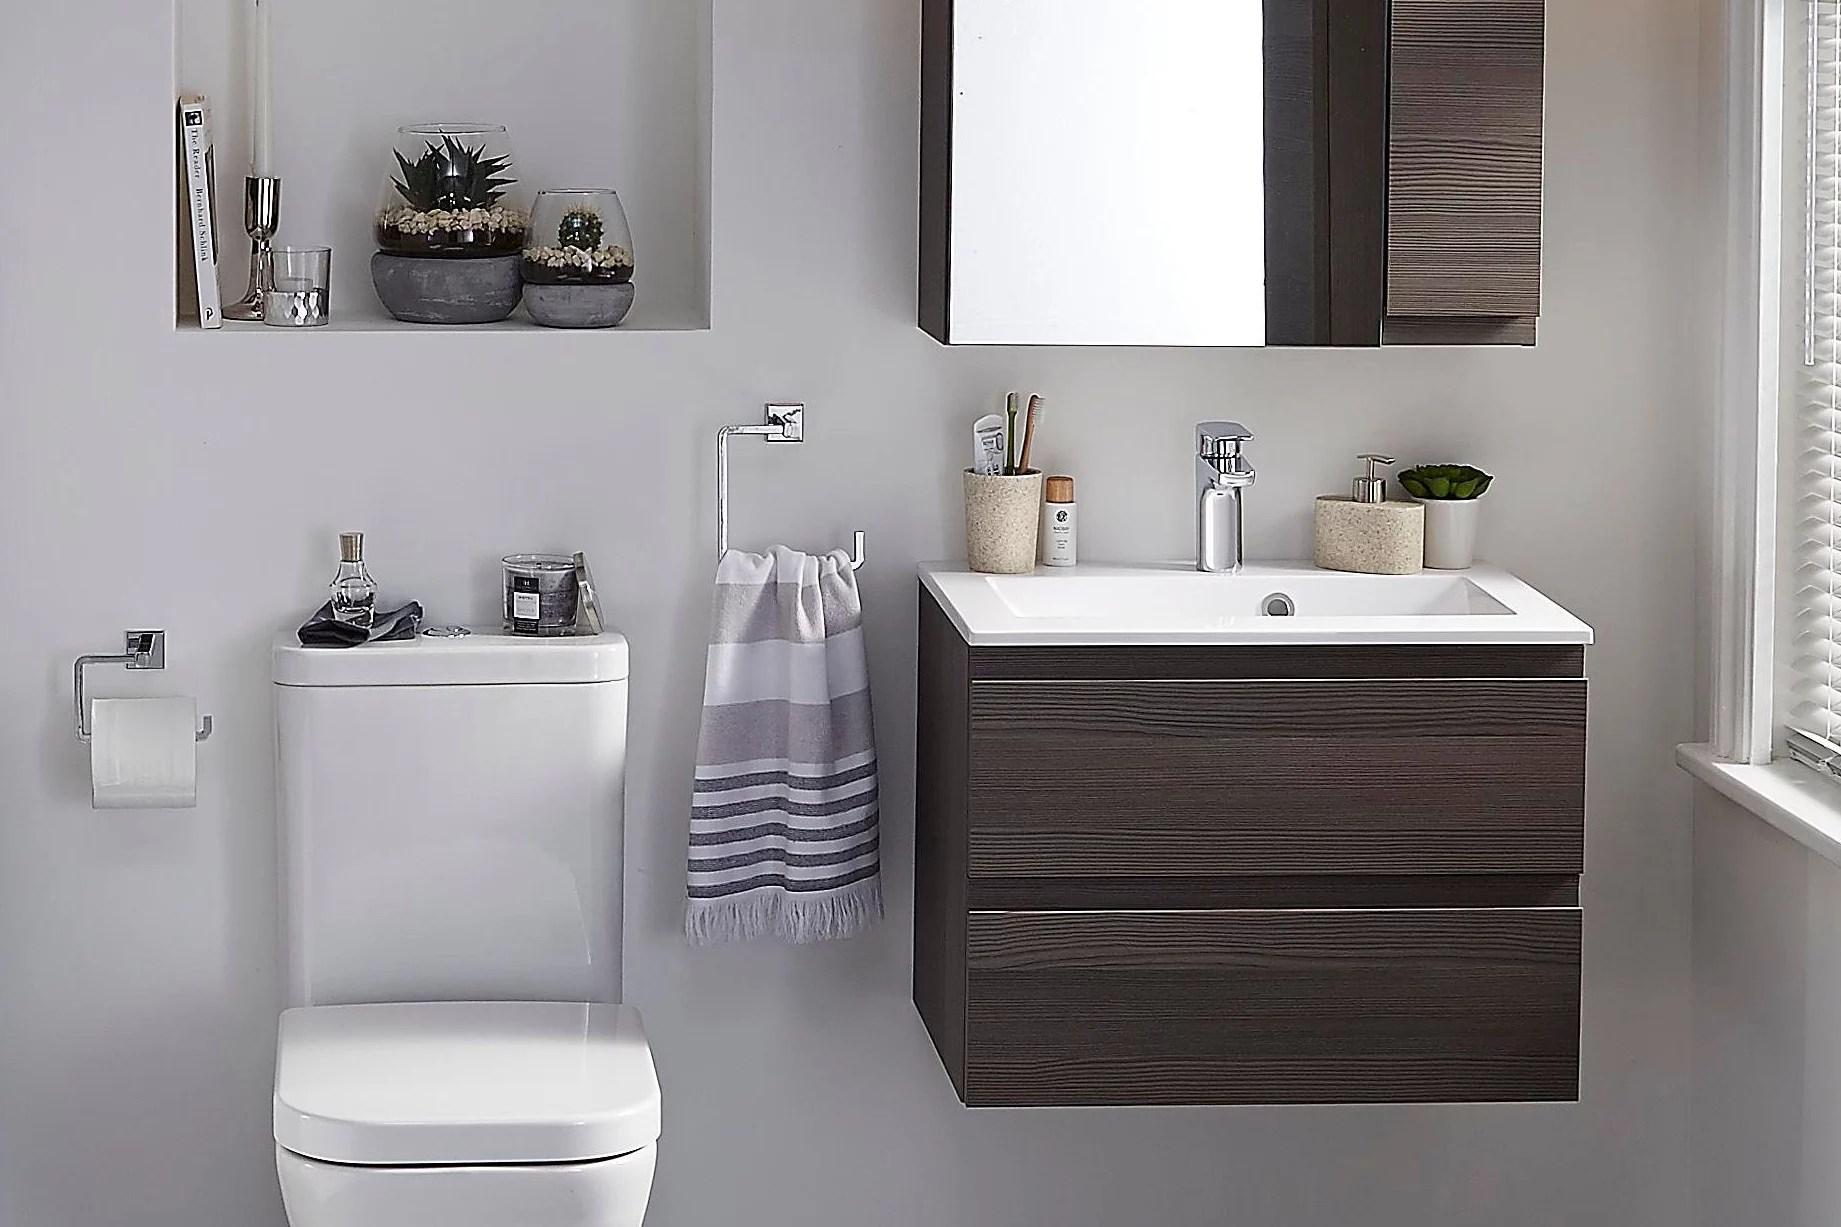 Small bathroom ideas | Ideas & Advice | DIY at B&Q on Small Bathroom Ideas id=67212